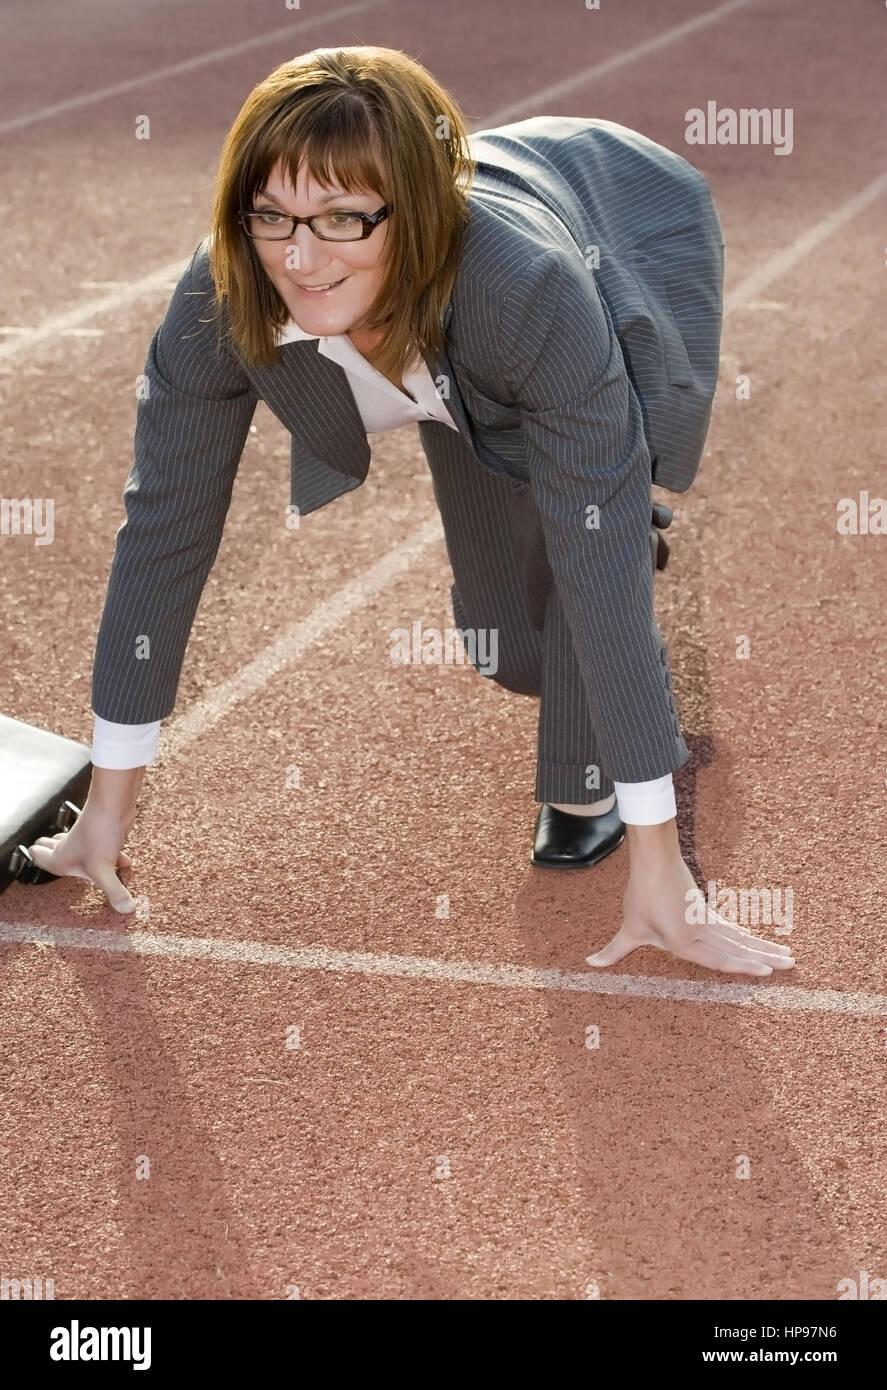 Model released , Gesch?ftsfrau an der Startlinie auf einer Laufbahn, Symbolbild Berufliche Laufbahn - businesswoman - Stock Image